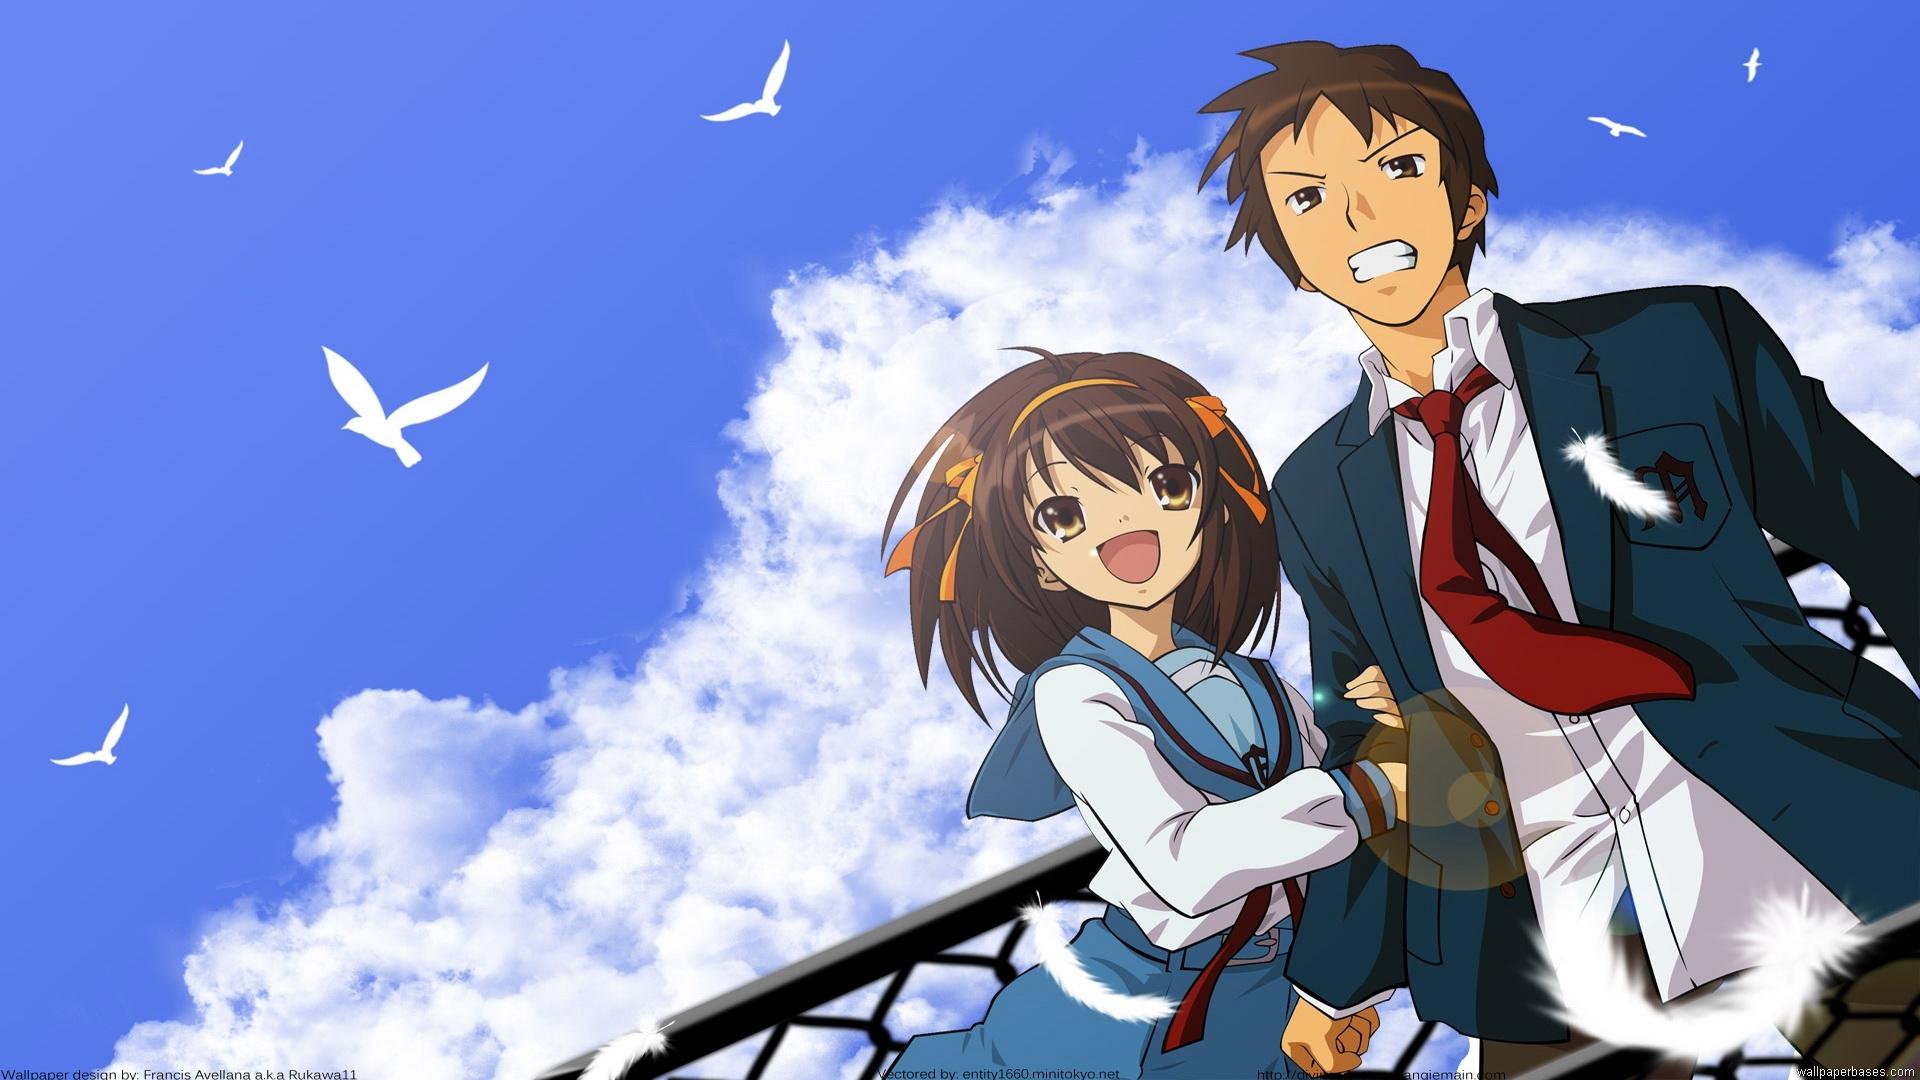 47+ Hd Anime Wallpapers 1080p on WallpaperSafari